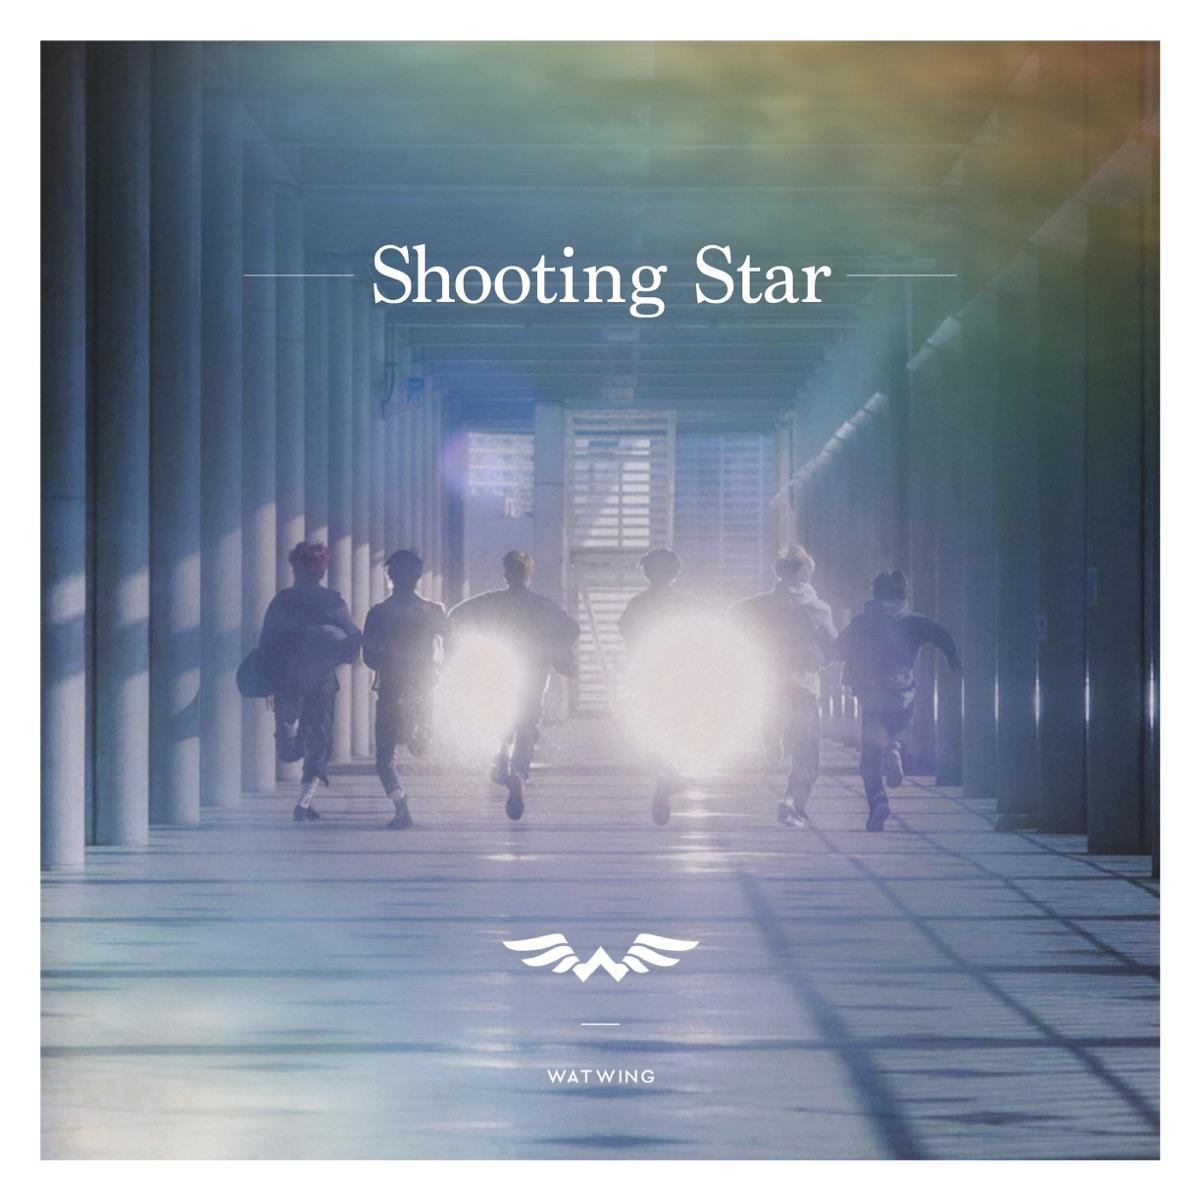 『WATWING - Shooting Star 歌詞』収録の『Shooting Star』ジャケット